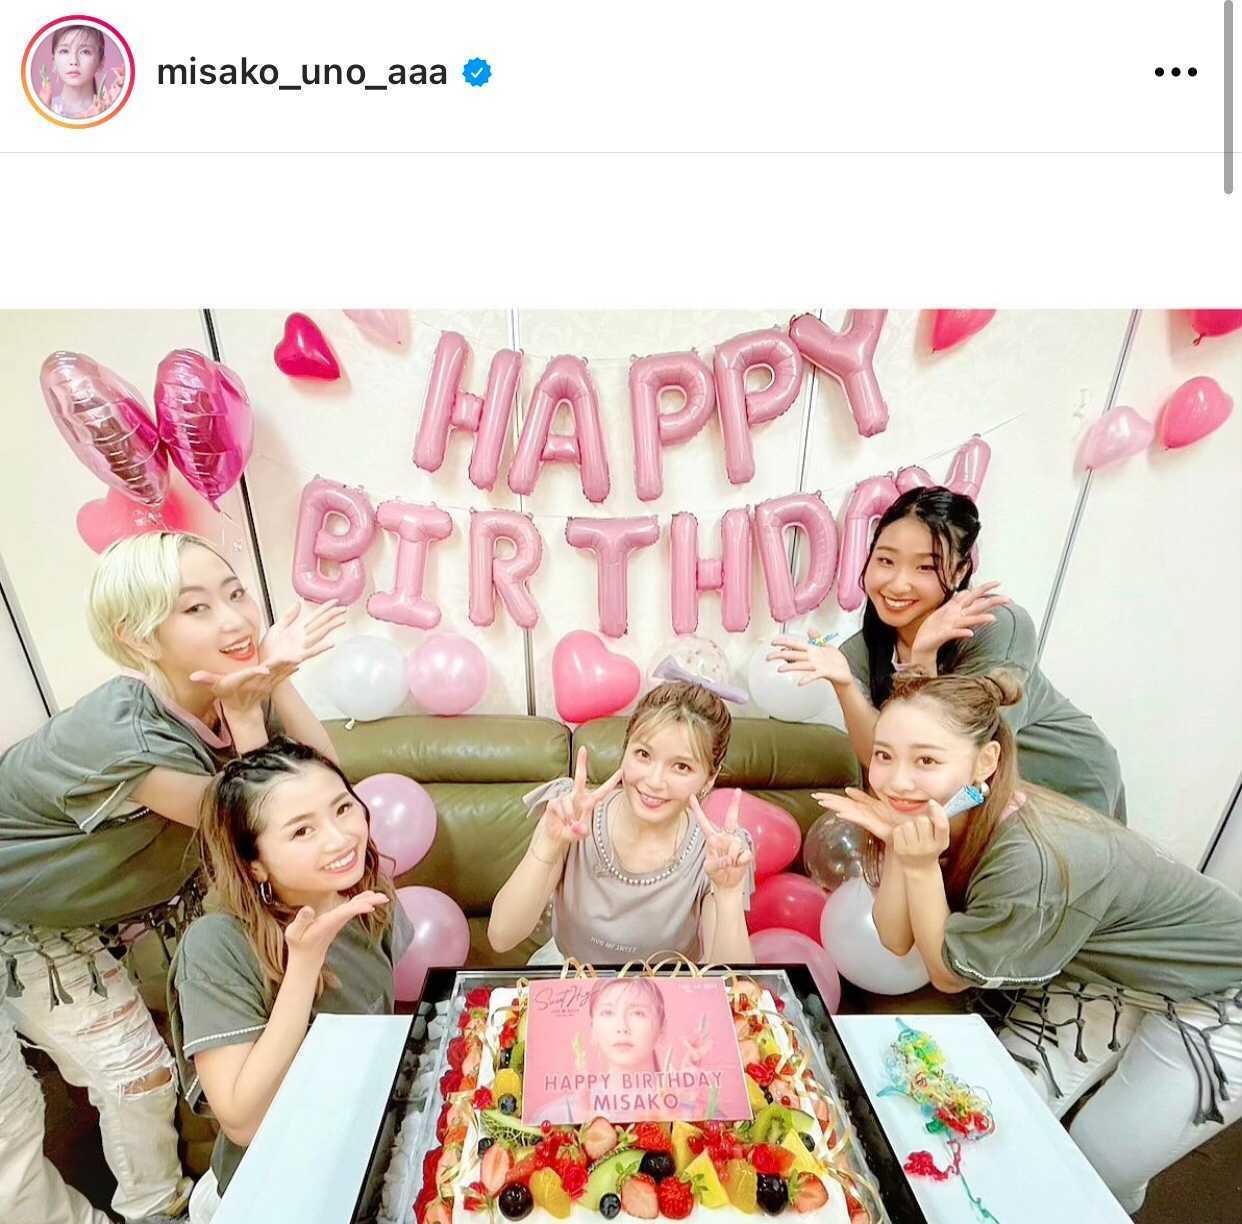 AAA宇野実彩子、大きなケーキを前にした35歳のバースデーSHOTに反響「天使」「最高にかわいい」